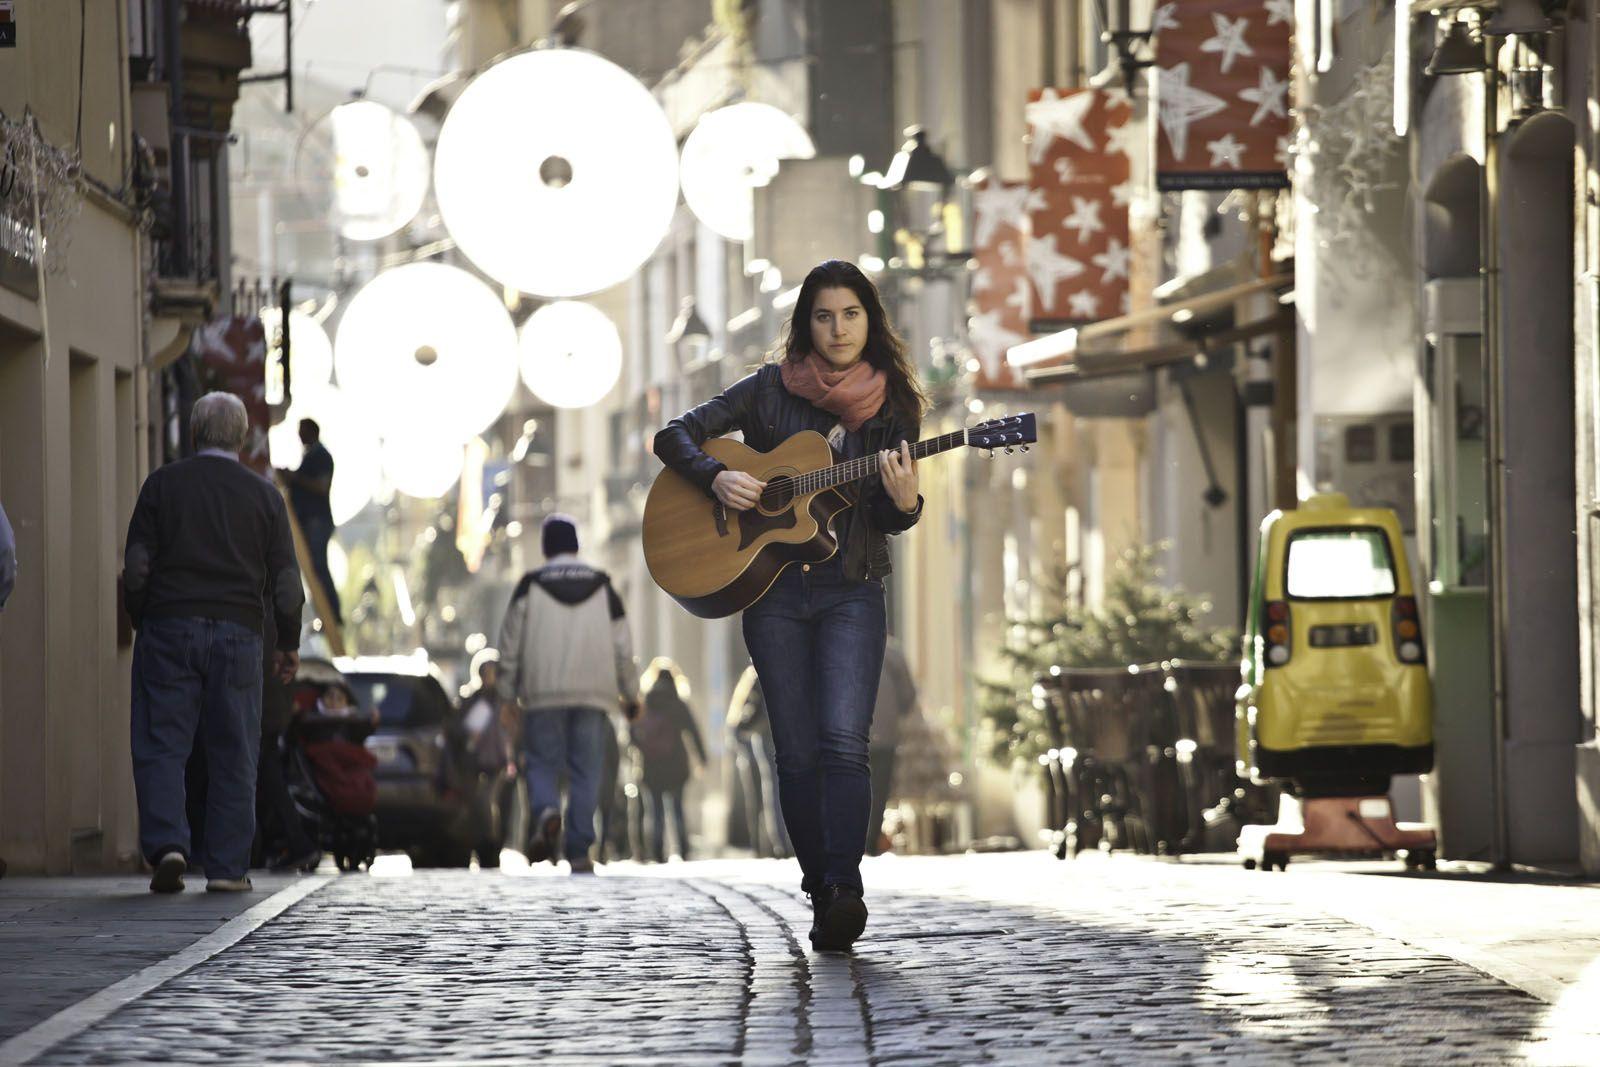 Toca al carrer i dona classes de música  FOTO: Artur Ribera